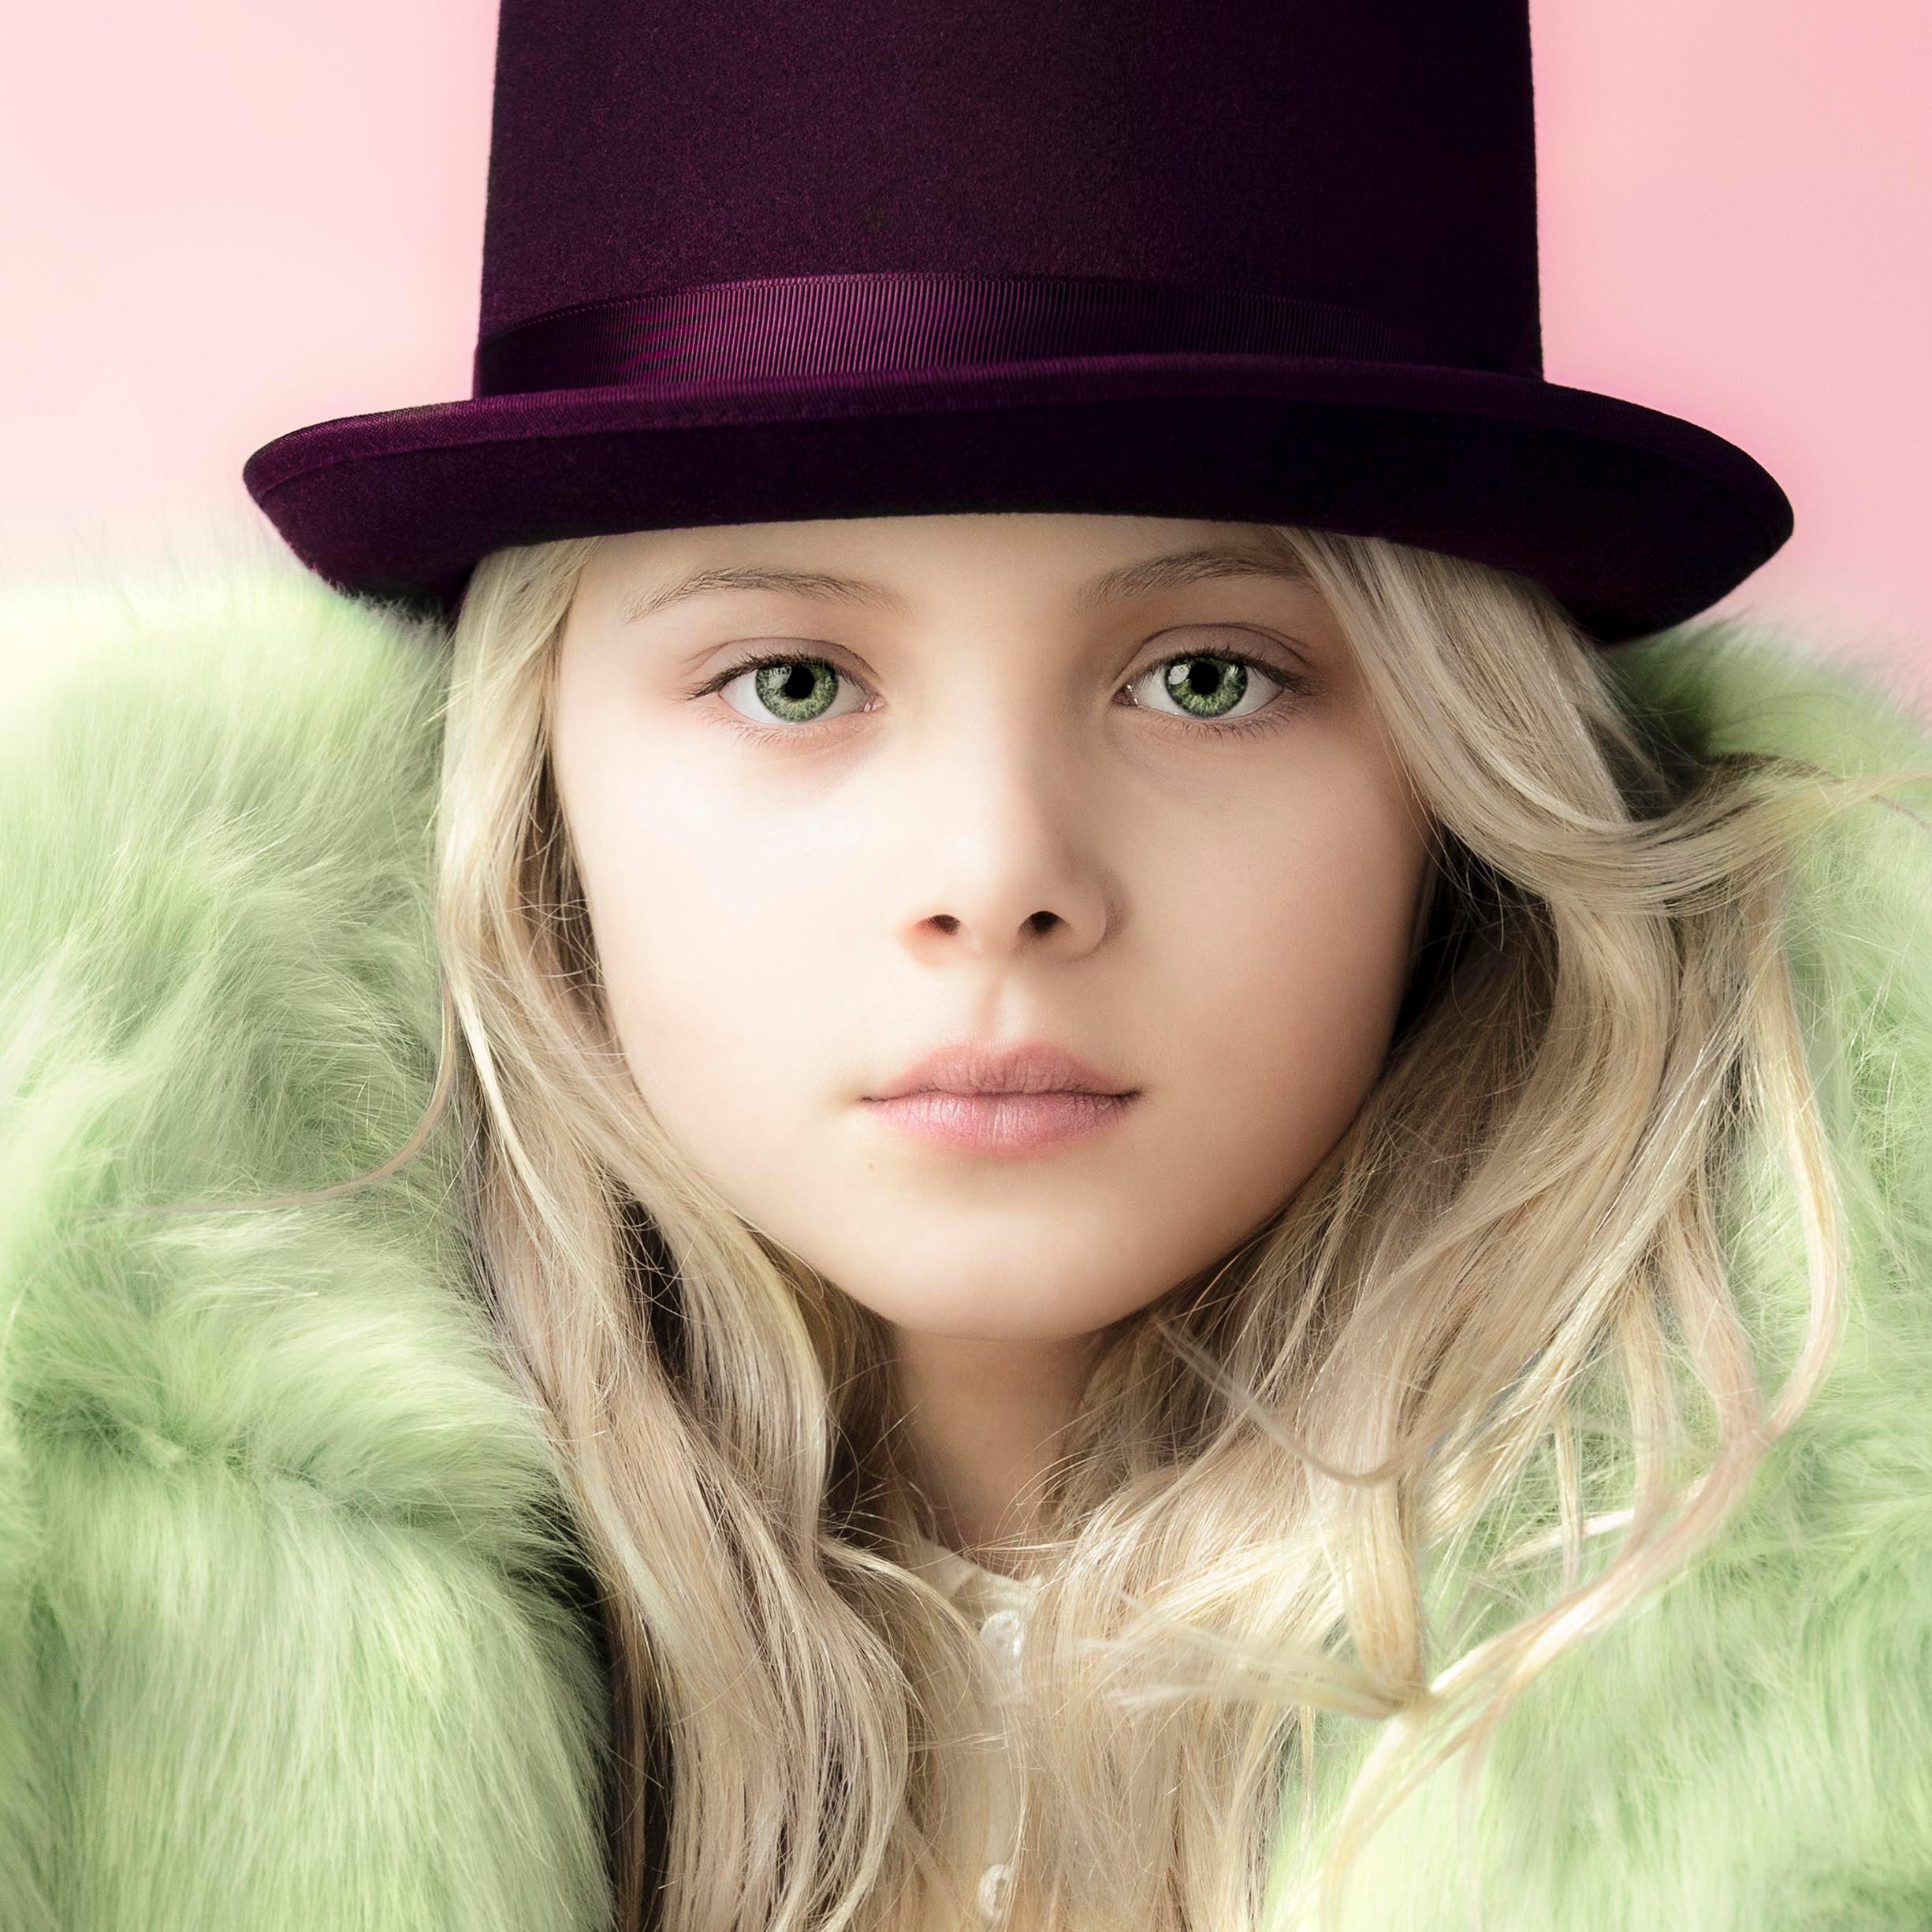 Ljusare flicka i hatt-1.jpg